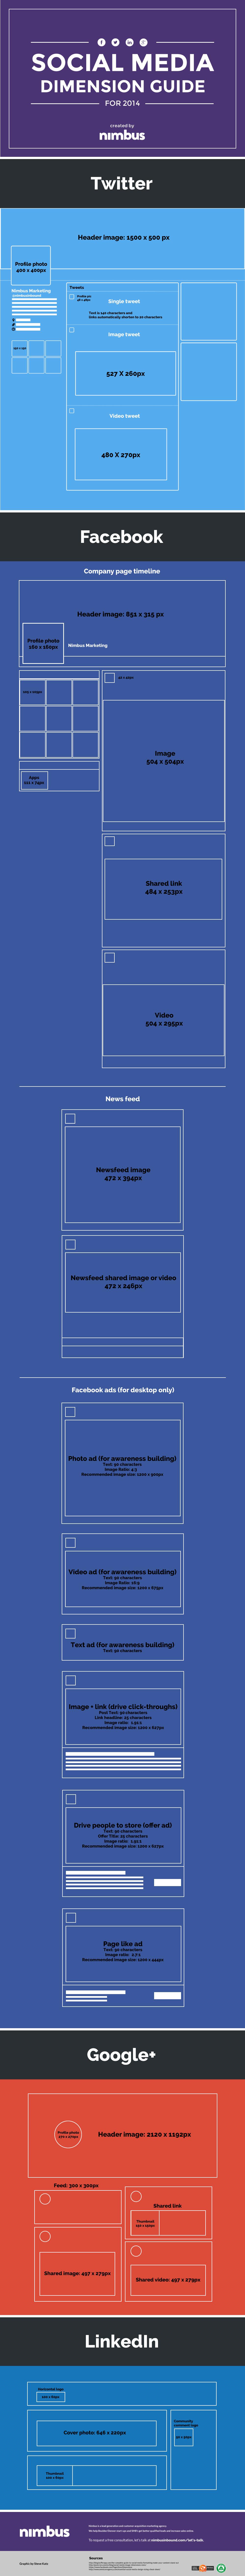 Social Media Dimensions